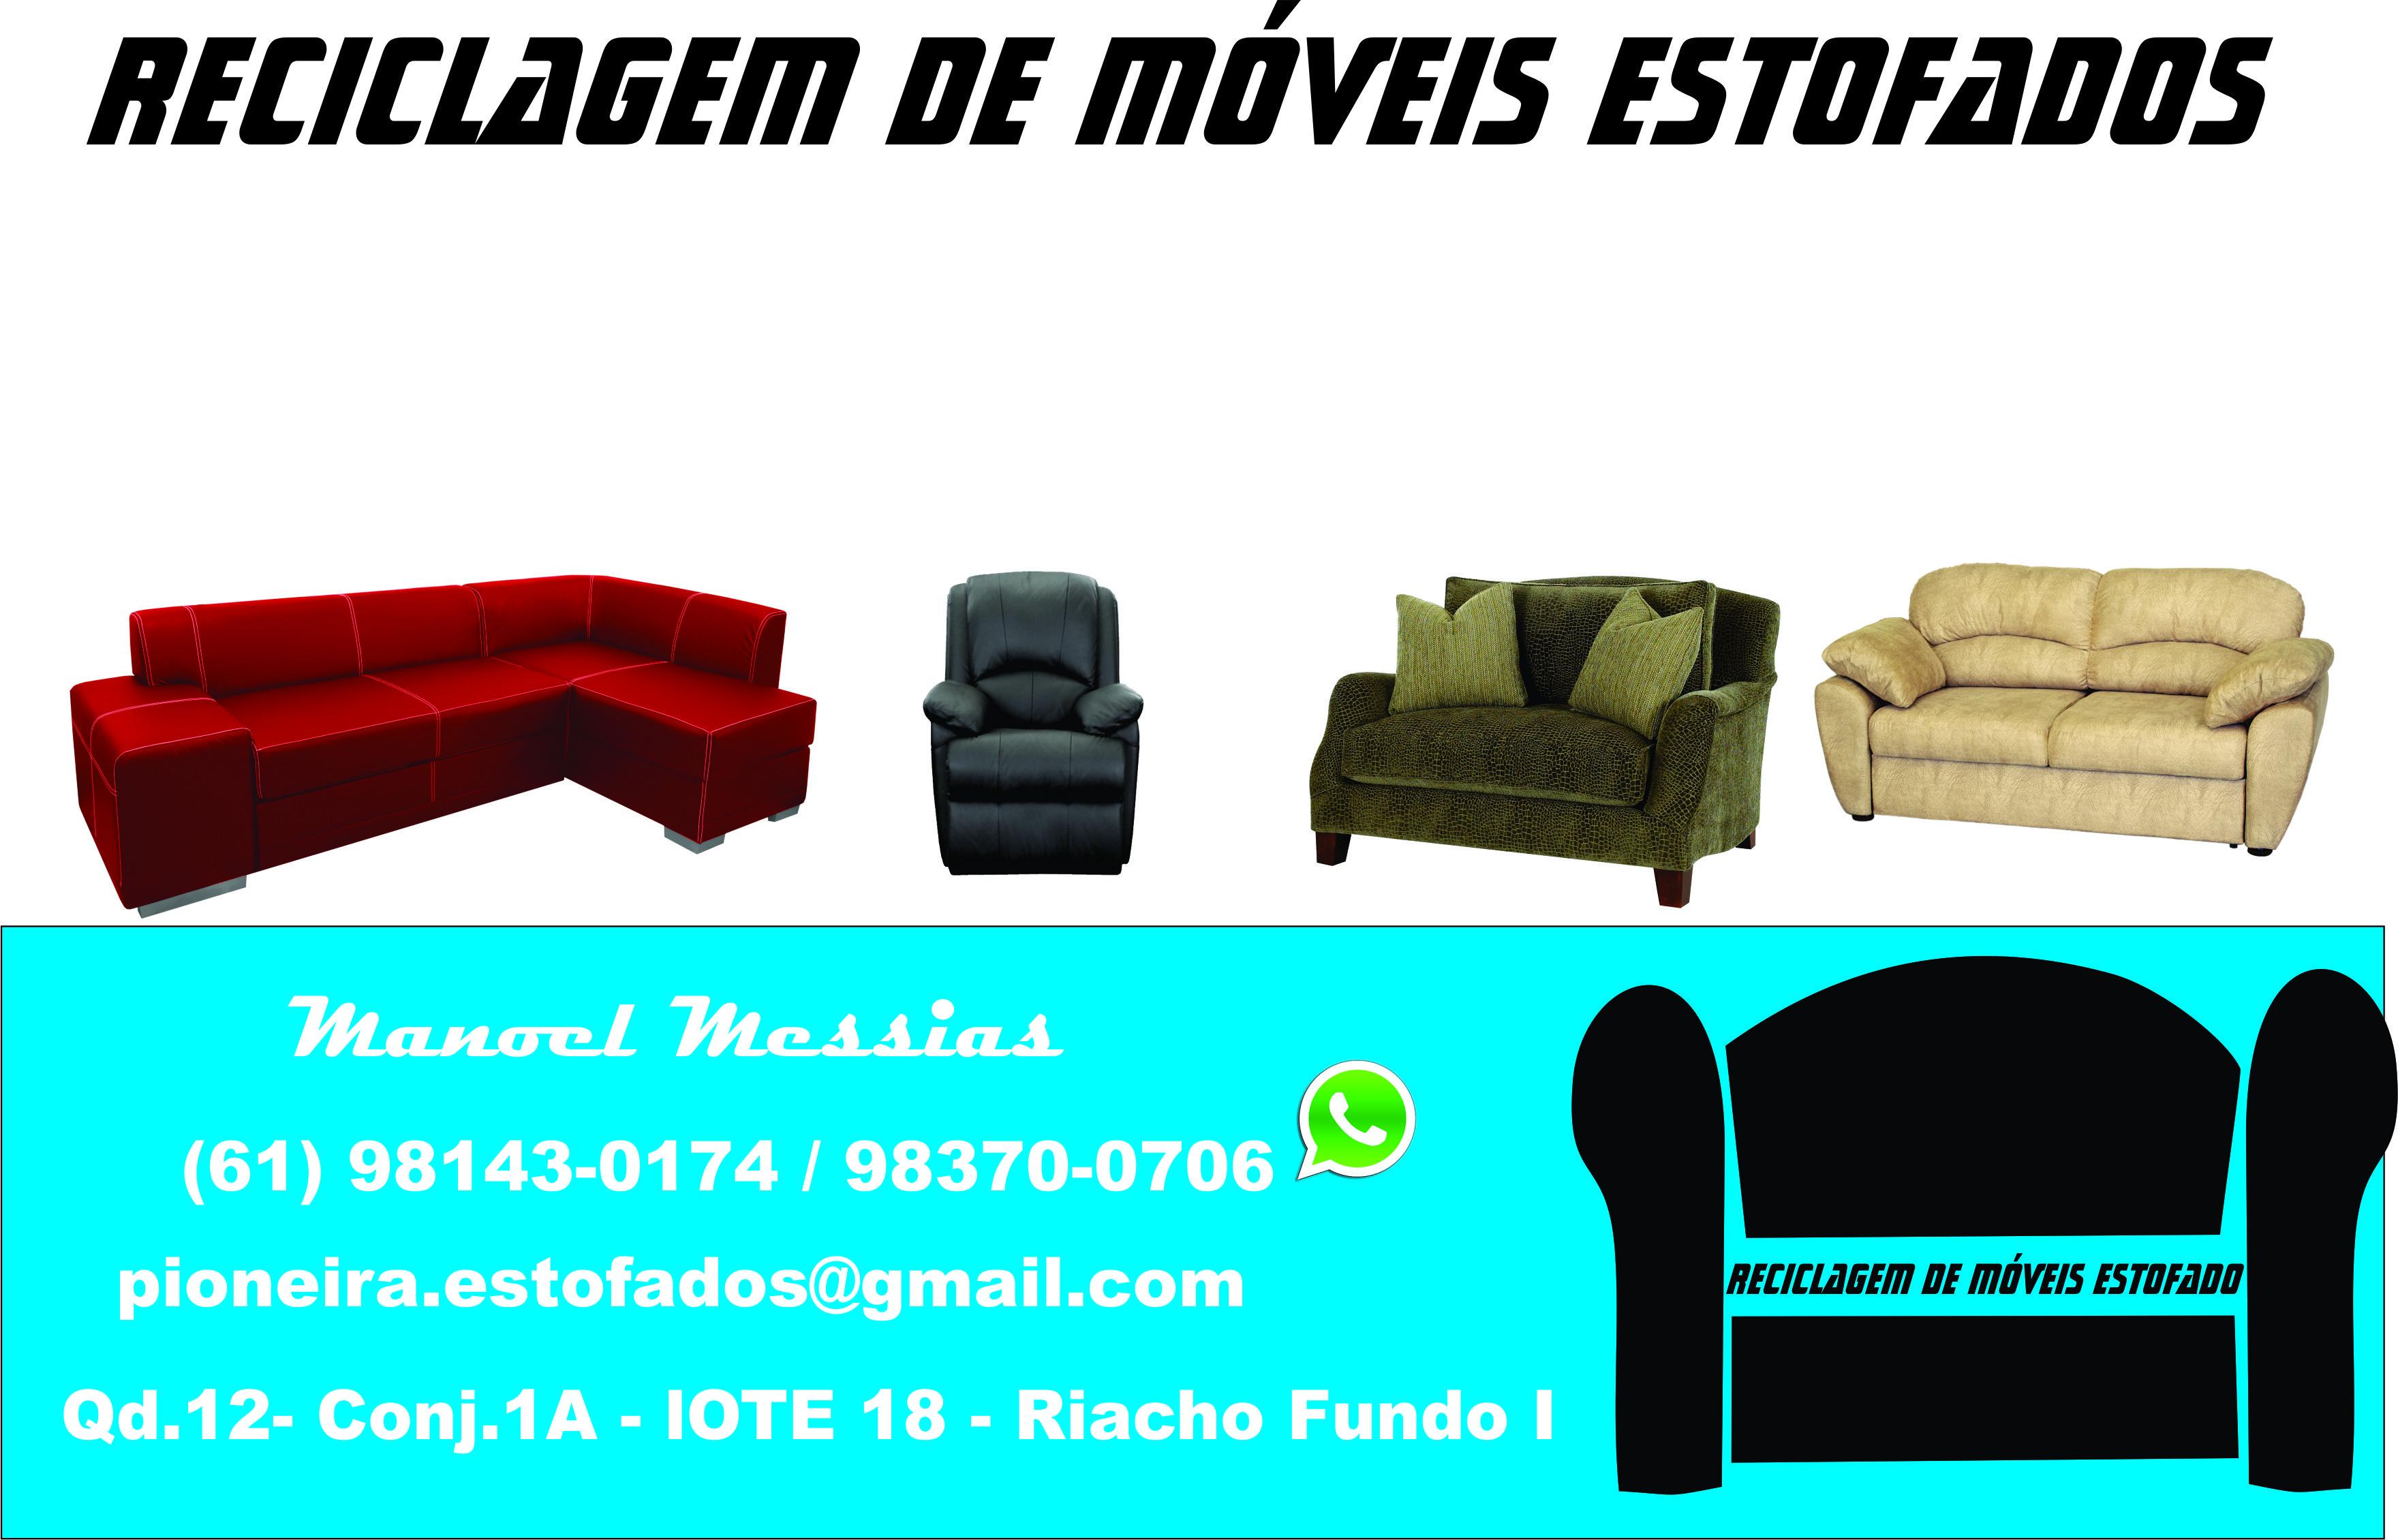 RECICLAGEM DE MOVEIS ESTOFADOS